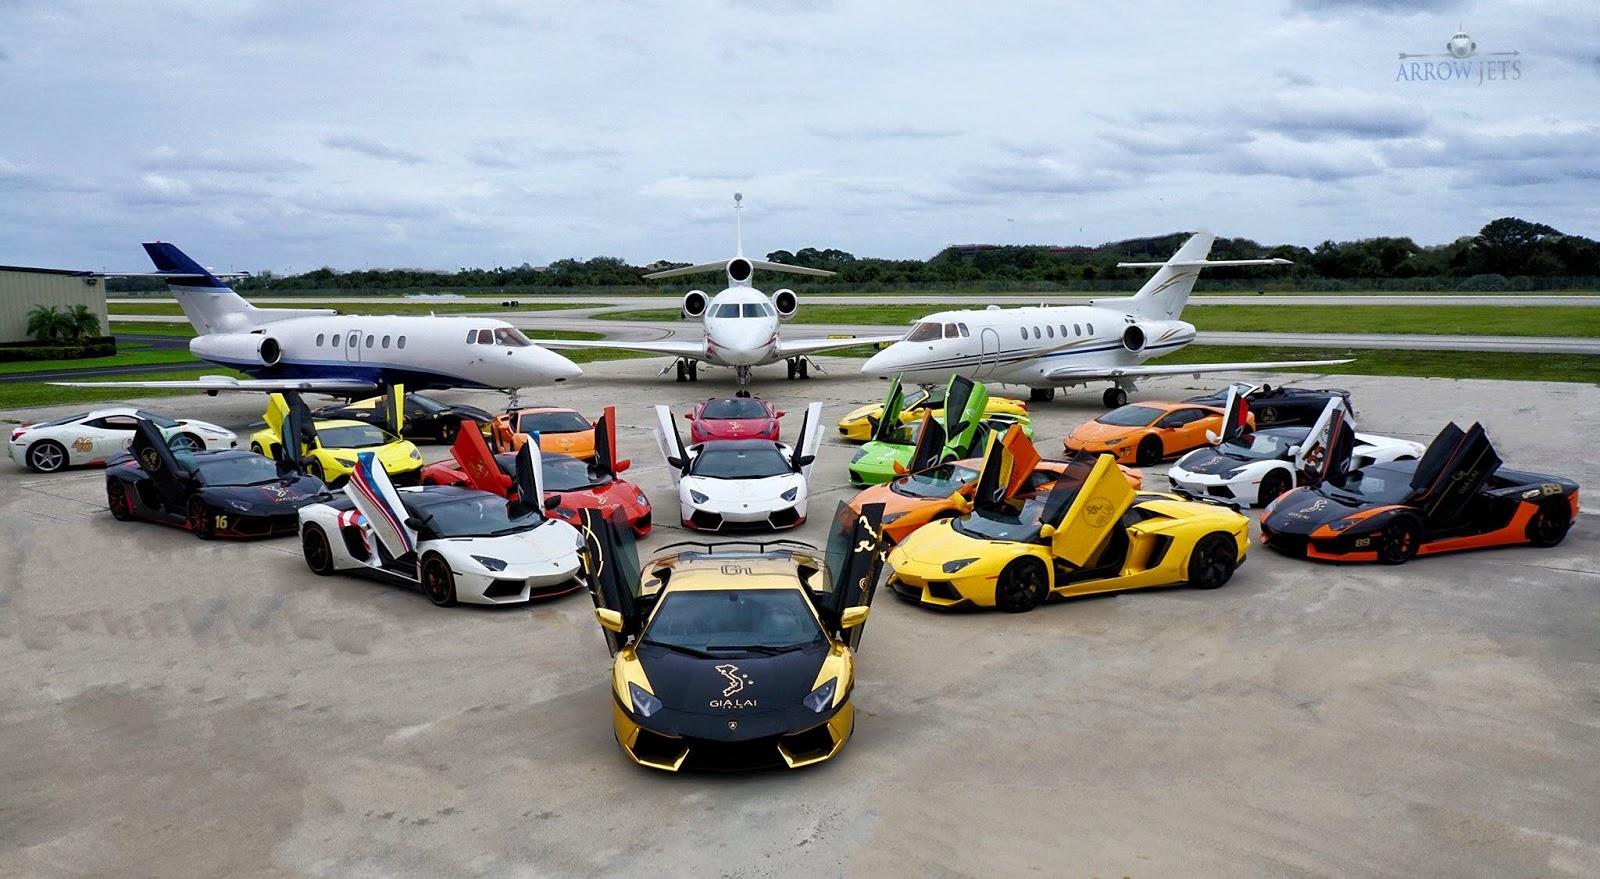 Một số siêu xe đại diện nổi bật của Gia Lai Team, bao gồm cả phi cơ